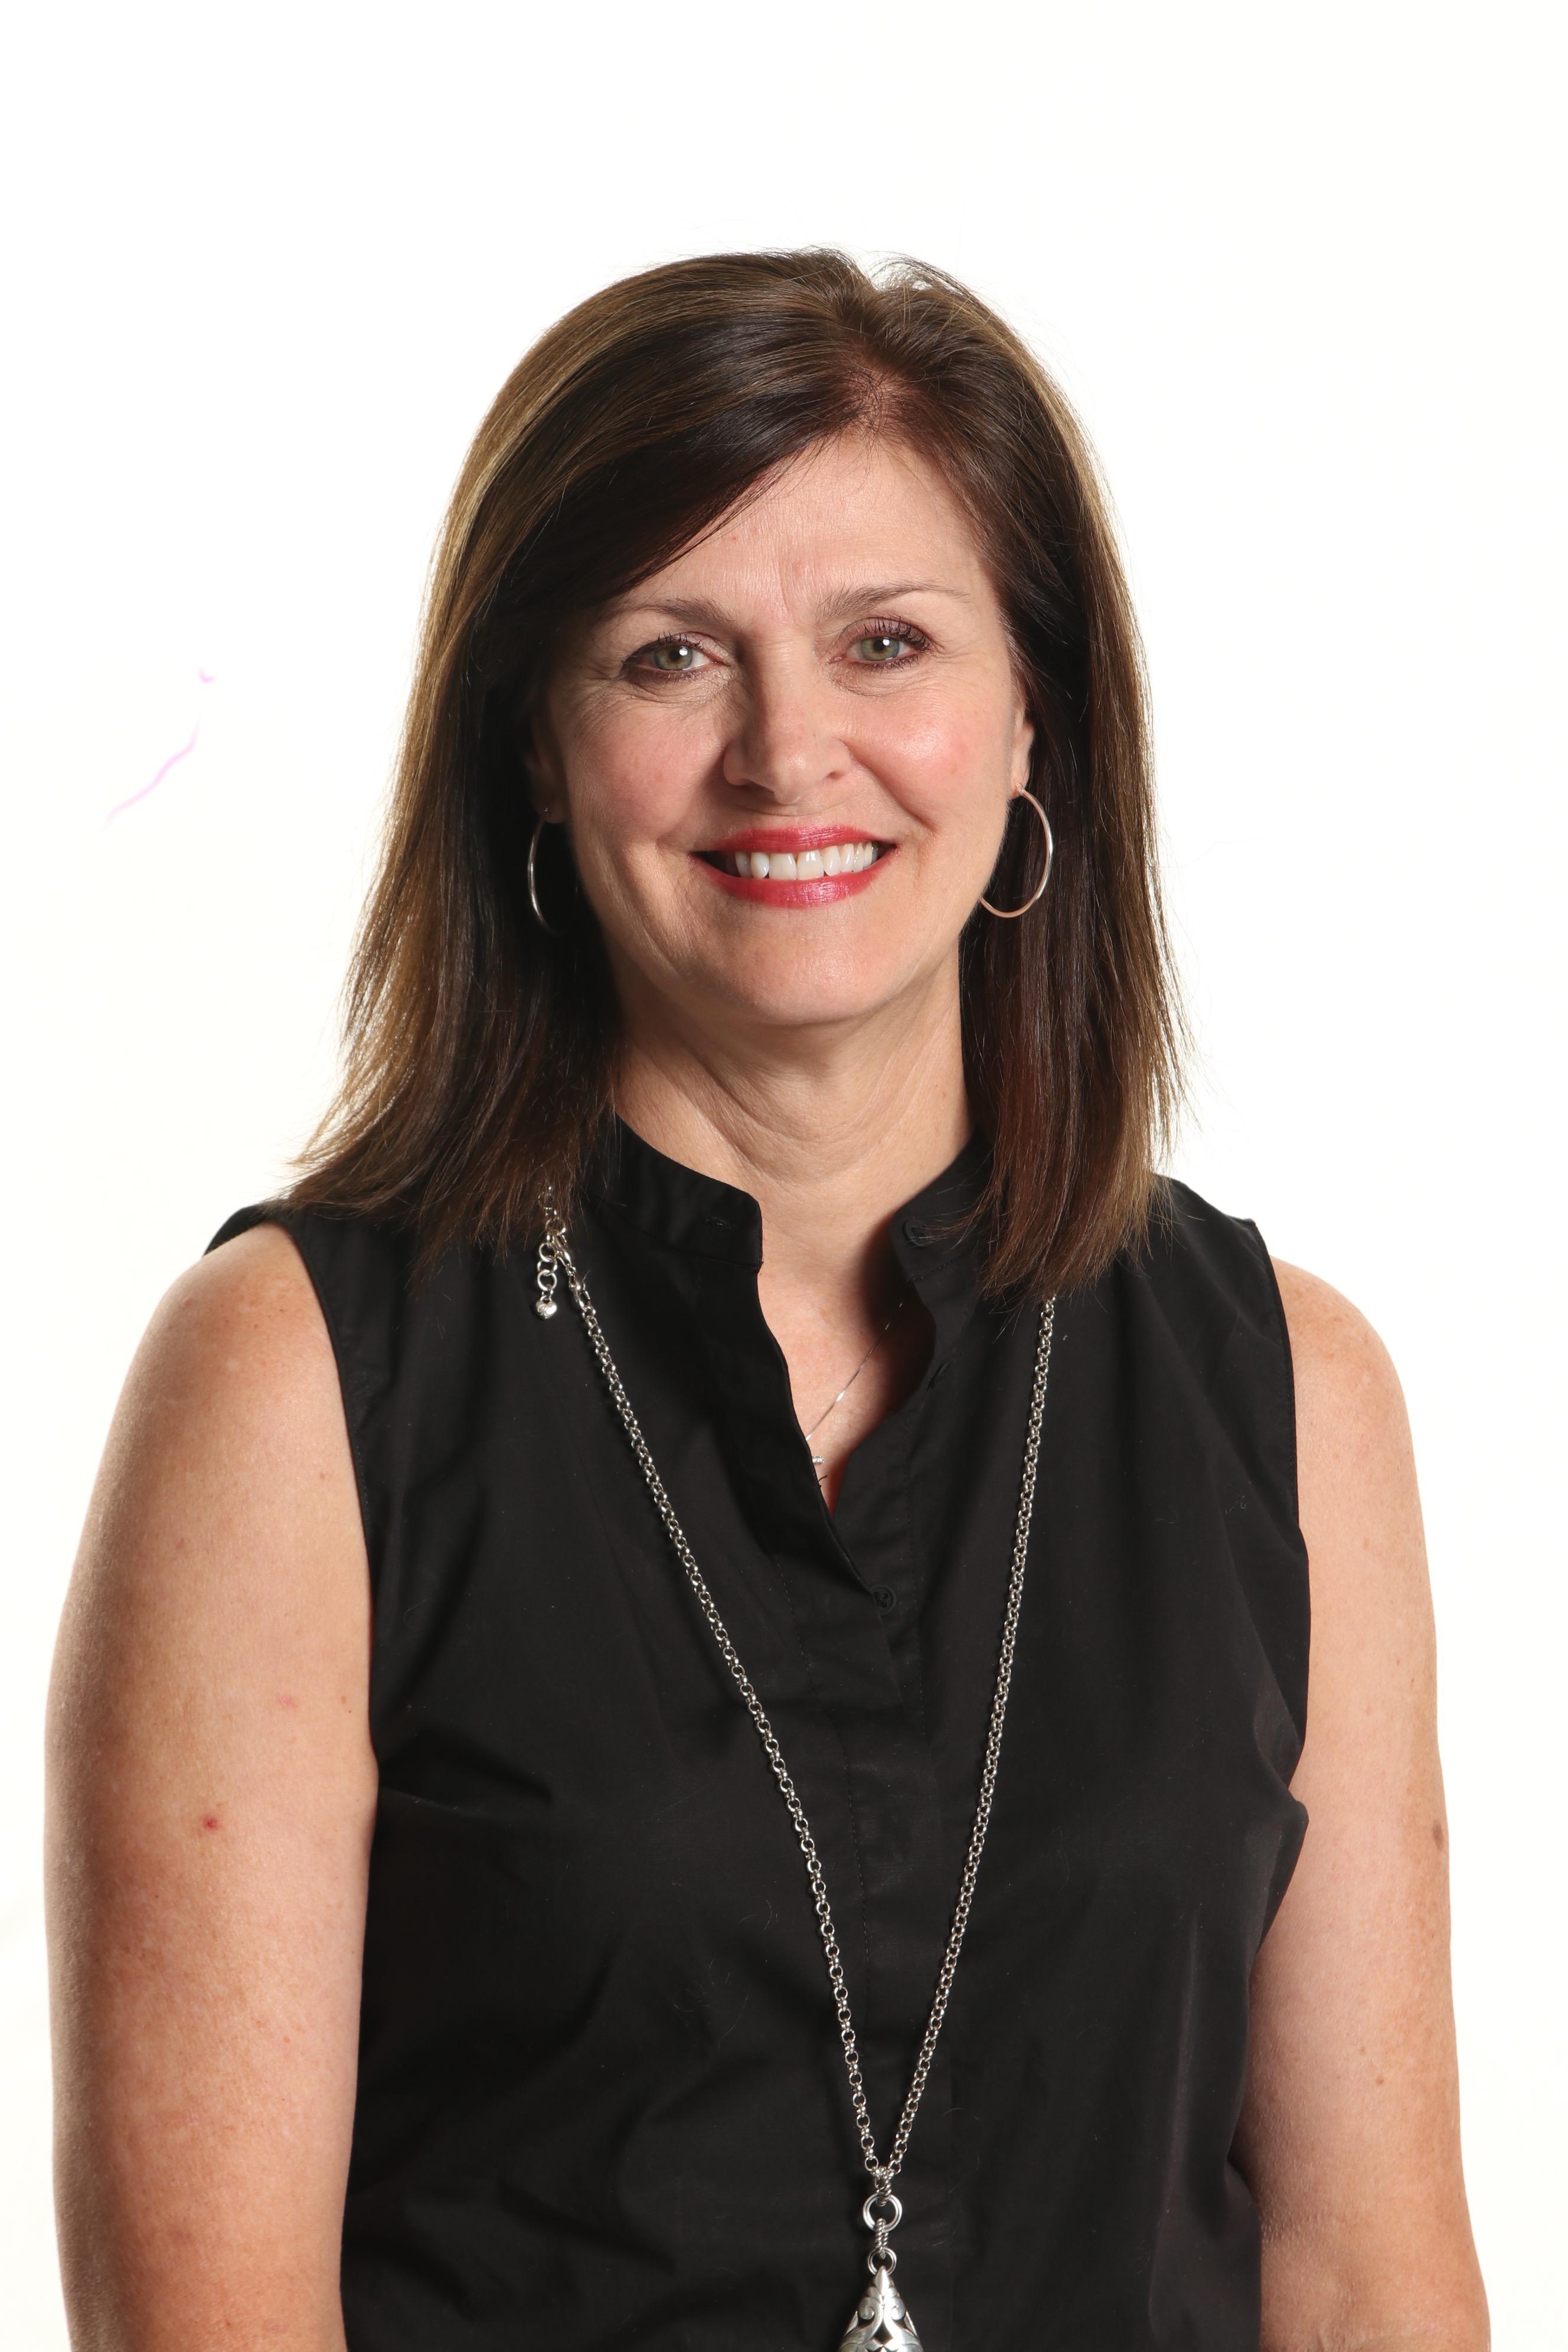 Melanie Barfield